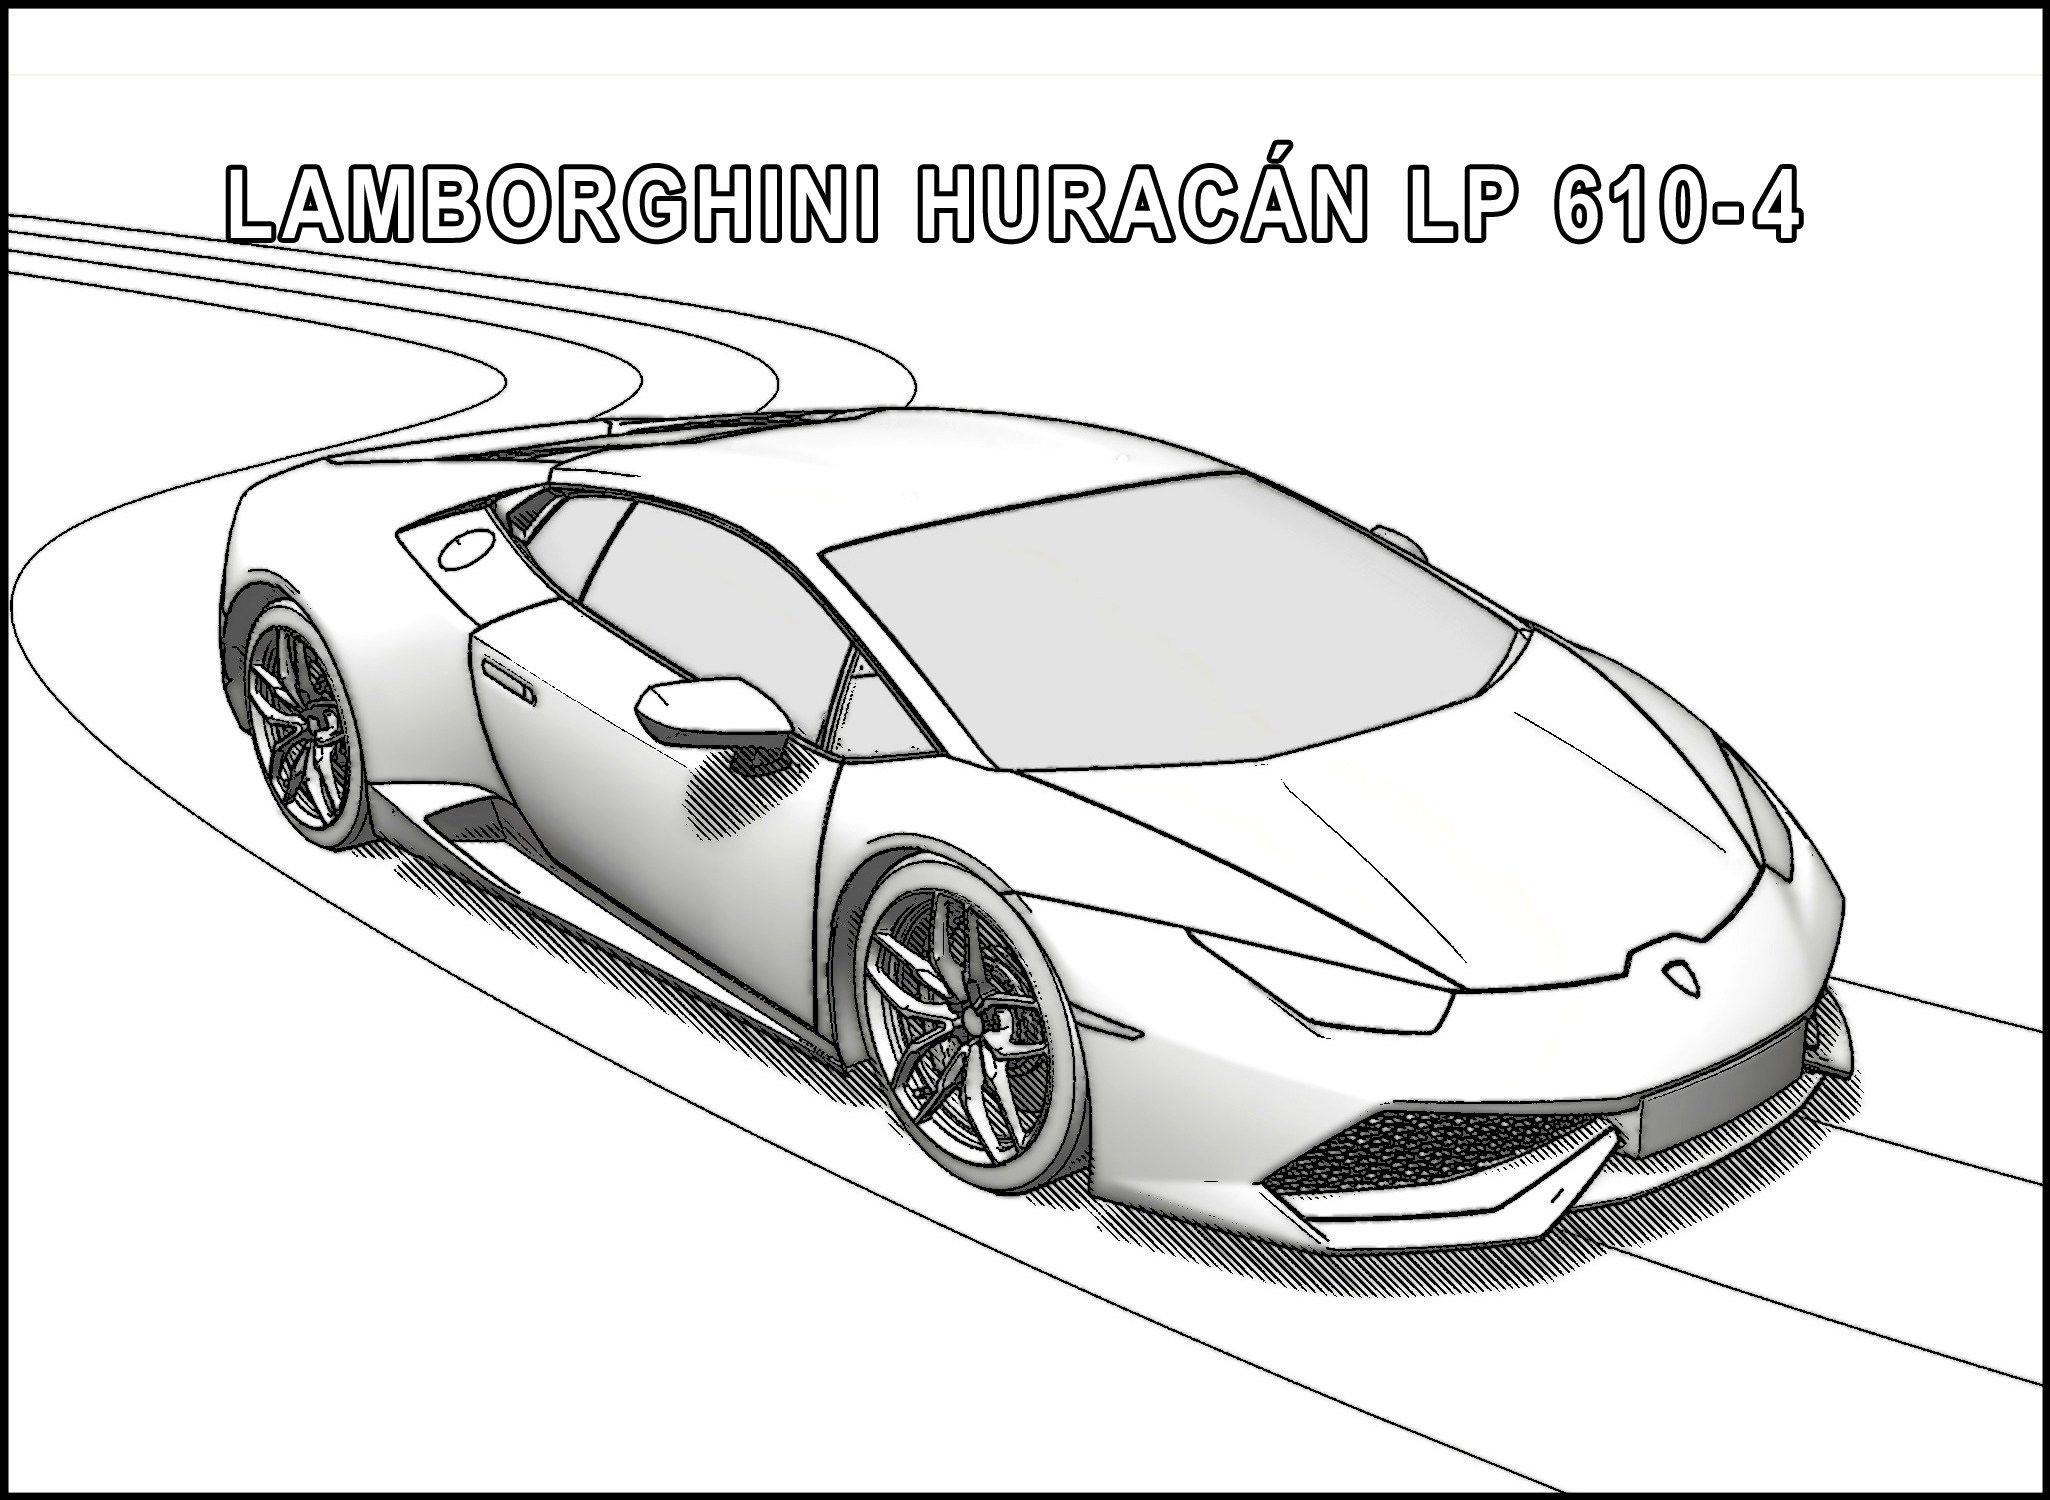 Ausmalbilder Autos Lamborghini Einzigartig Lamborghini Veneno Ausmalbilder Fresh Bayern Ausmalbilder Neu Igel Bild